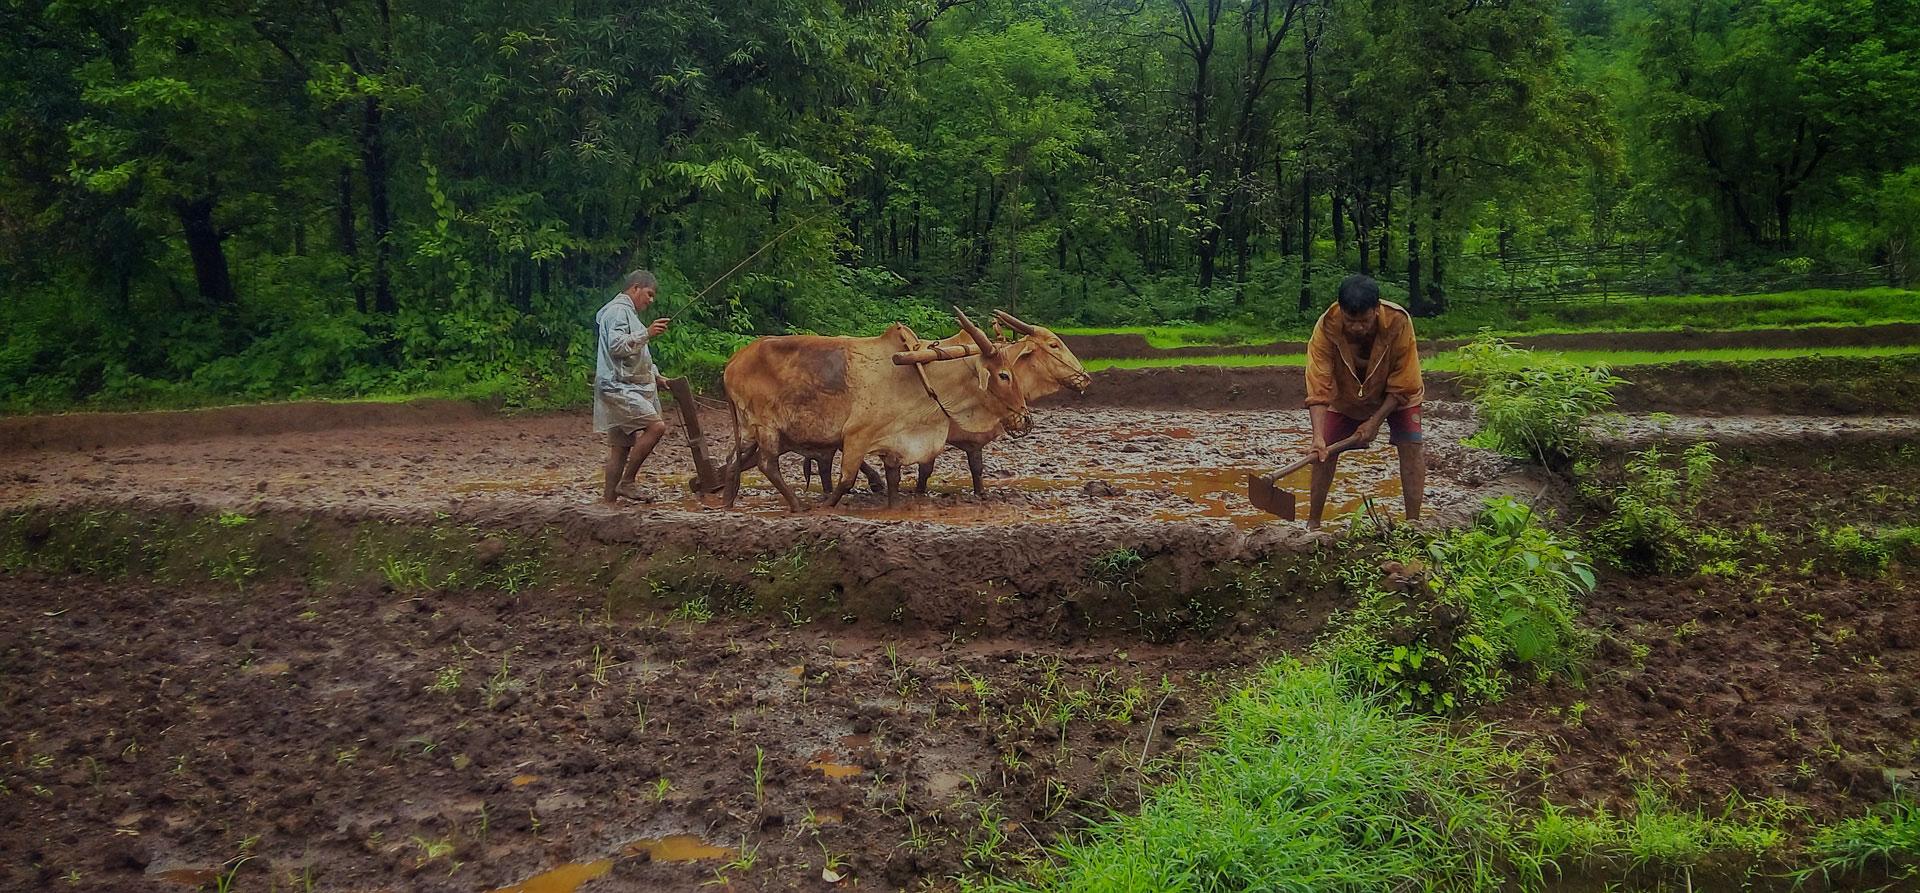 75,000+ Farming Families